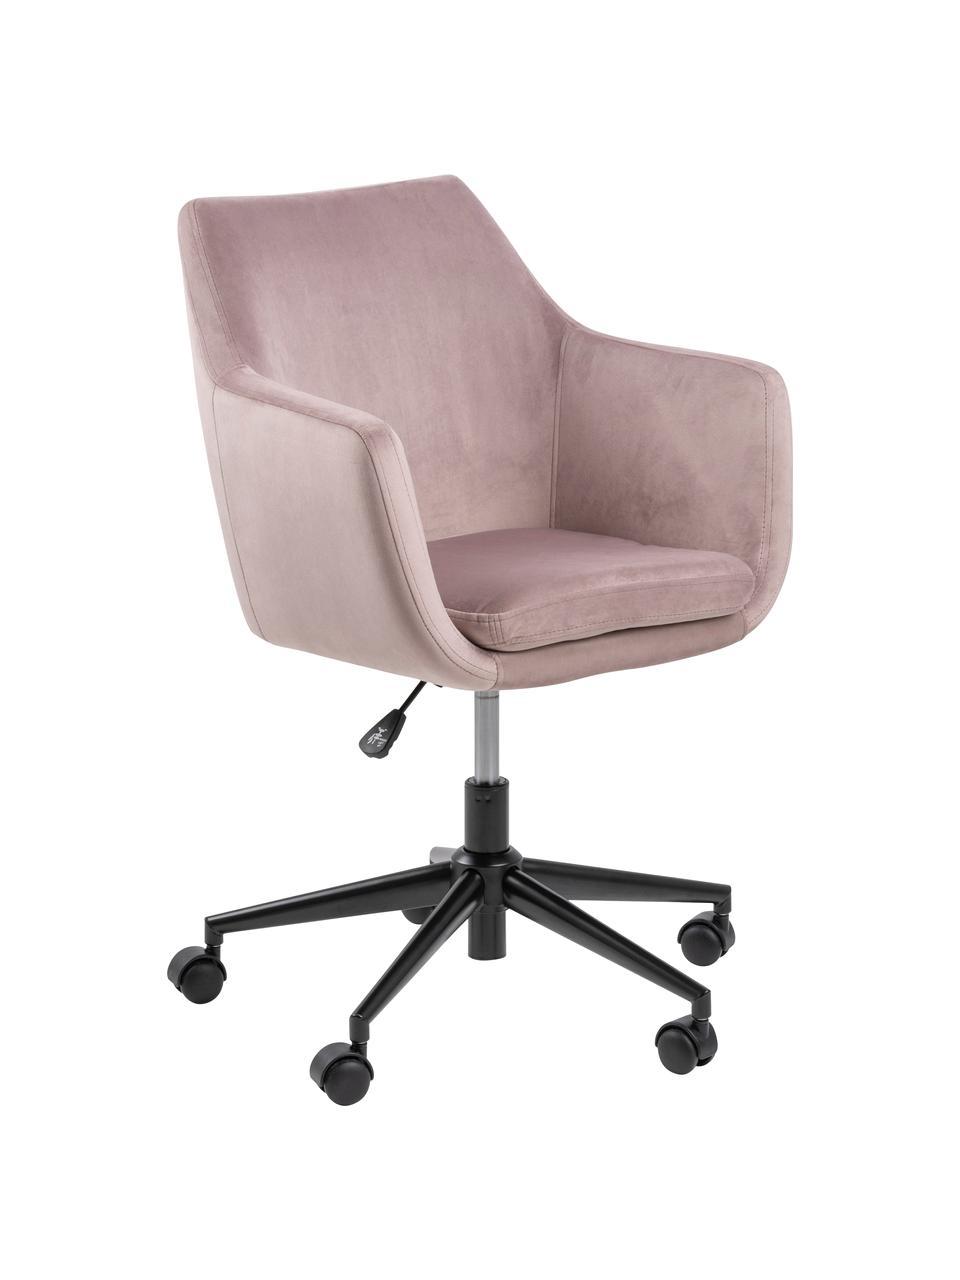 Krzesło biurowe z aksamitu Nora, obrotowe, Tapicerka: poliester (aksamit) 2500, Stelaż: metal malowany proszkowo, Blady różowy, czarny, S 58 x G 58 cm